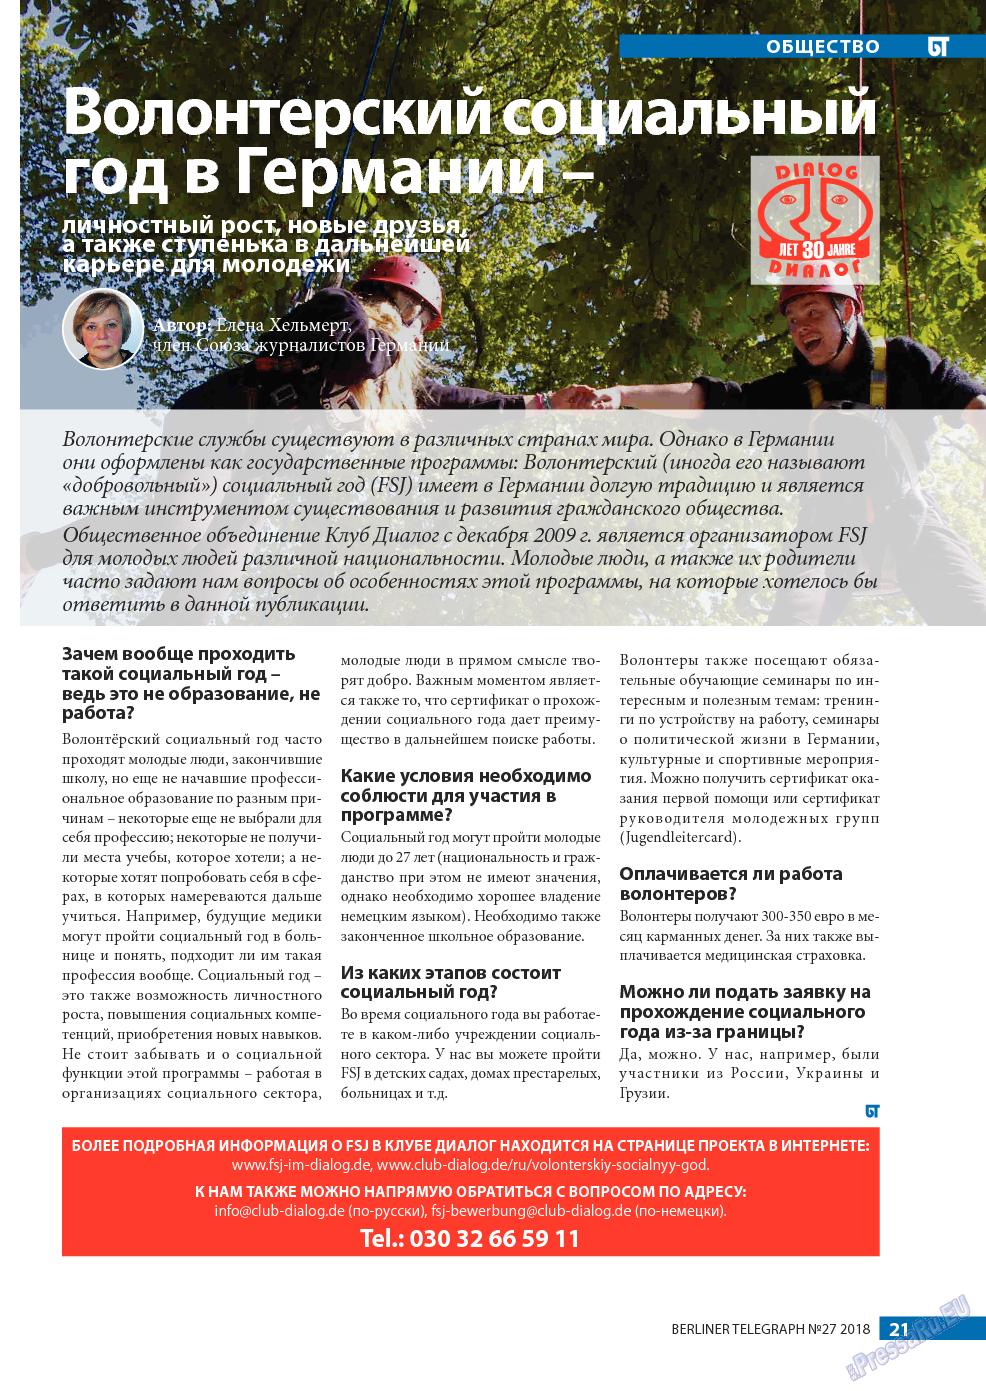 Берлинский телеграф (журнал). 2018 год, номер 27, стр. 21